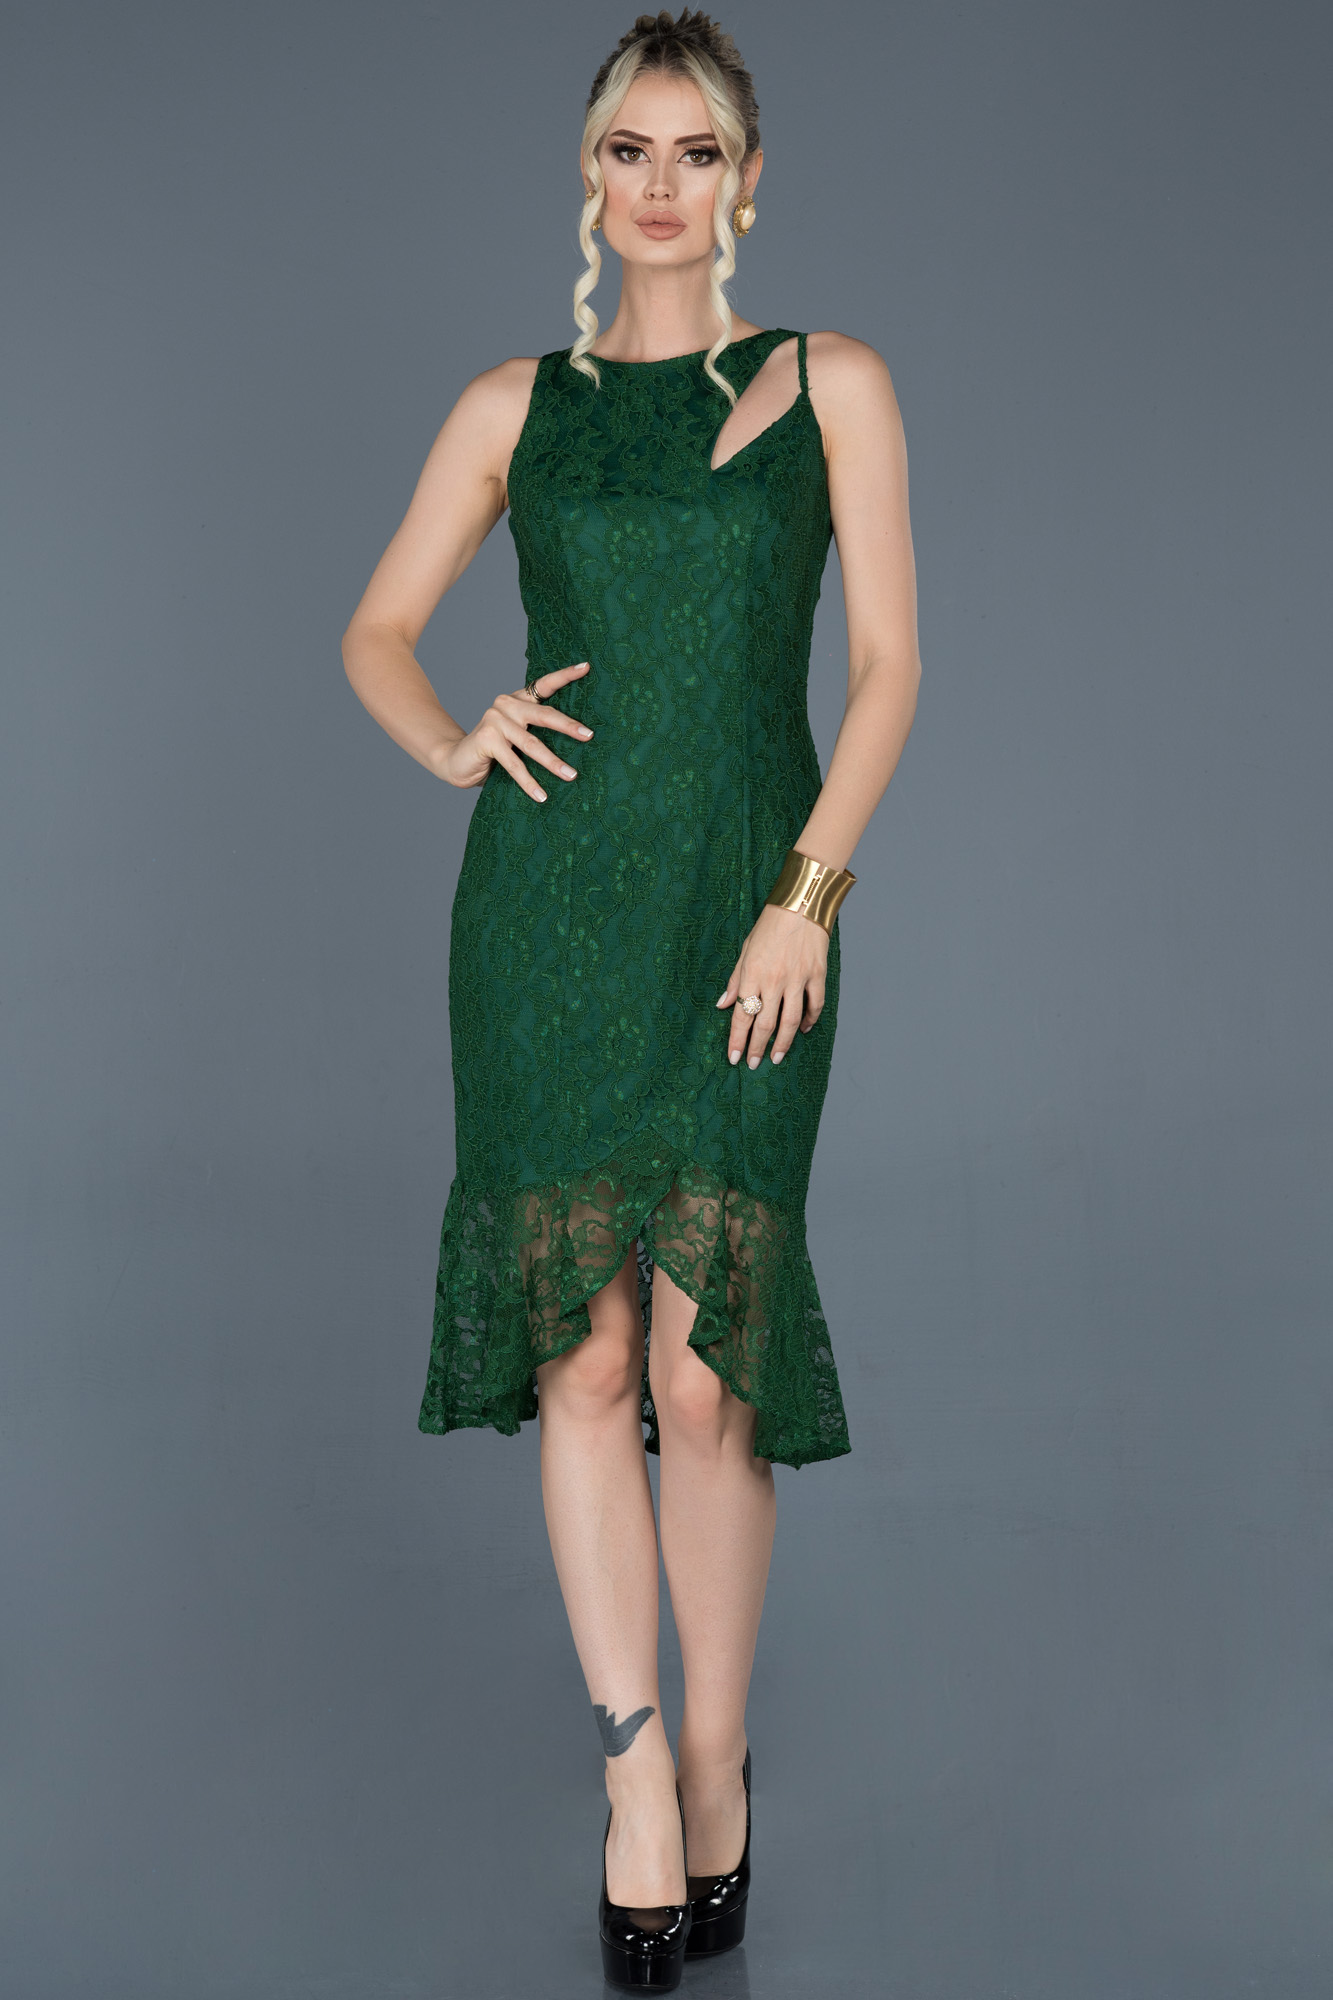 Zümrüt Yeşili Kısa Önü Yırtmaçlı Güpürlü Davet Elbisesi